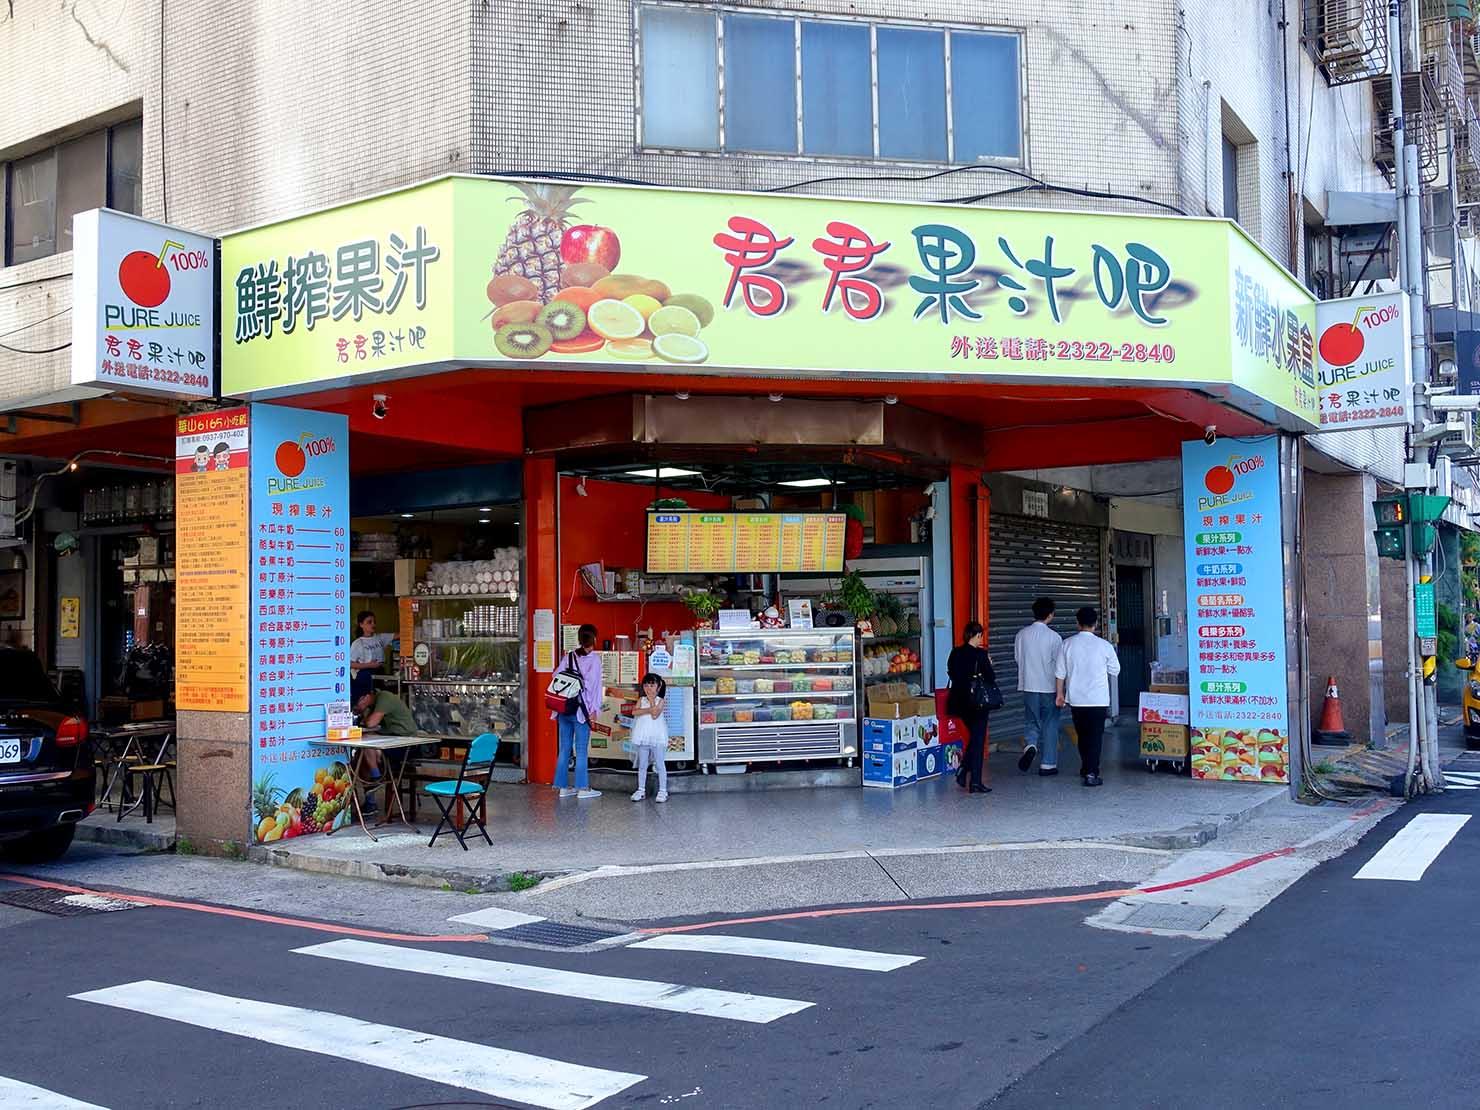 台北・善導寺のおすすめグルメ店「君君果汁吧」の外観